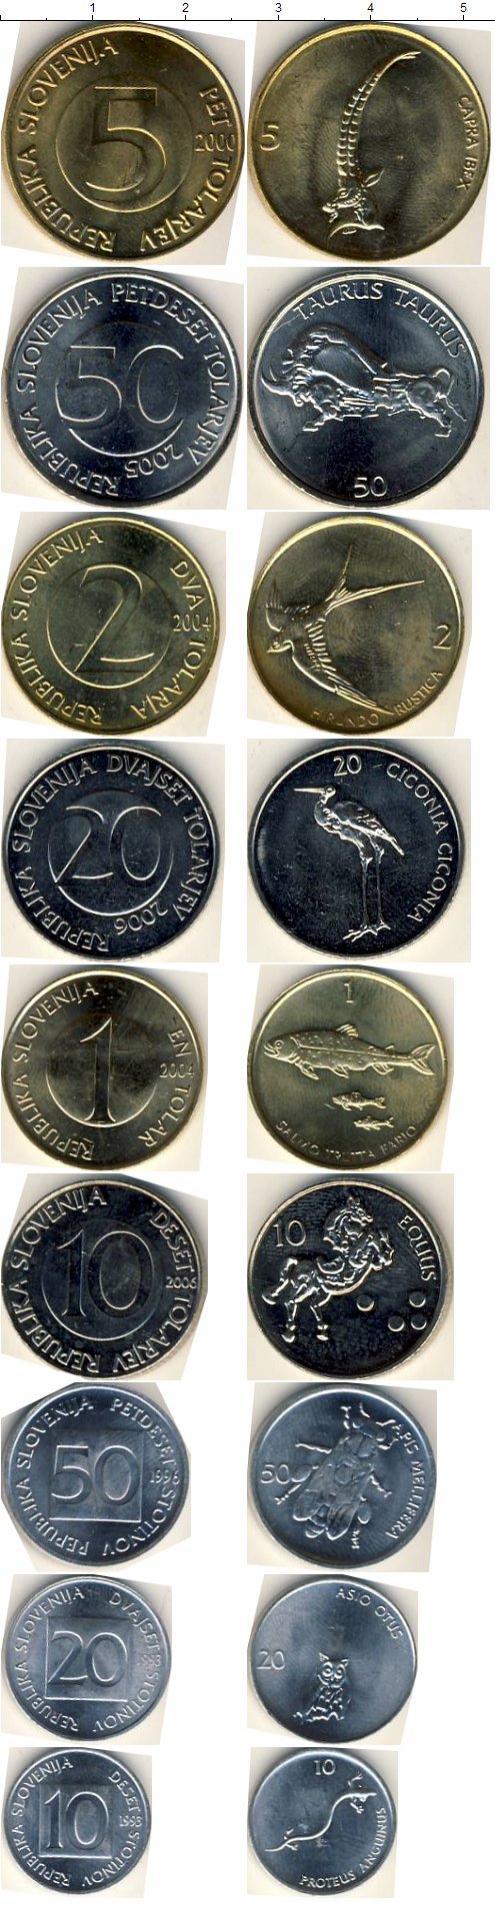 Каталог монет - Словения Словения 1993-2006